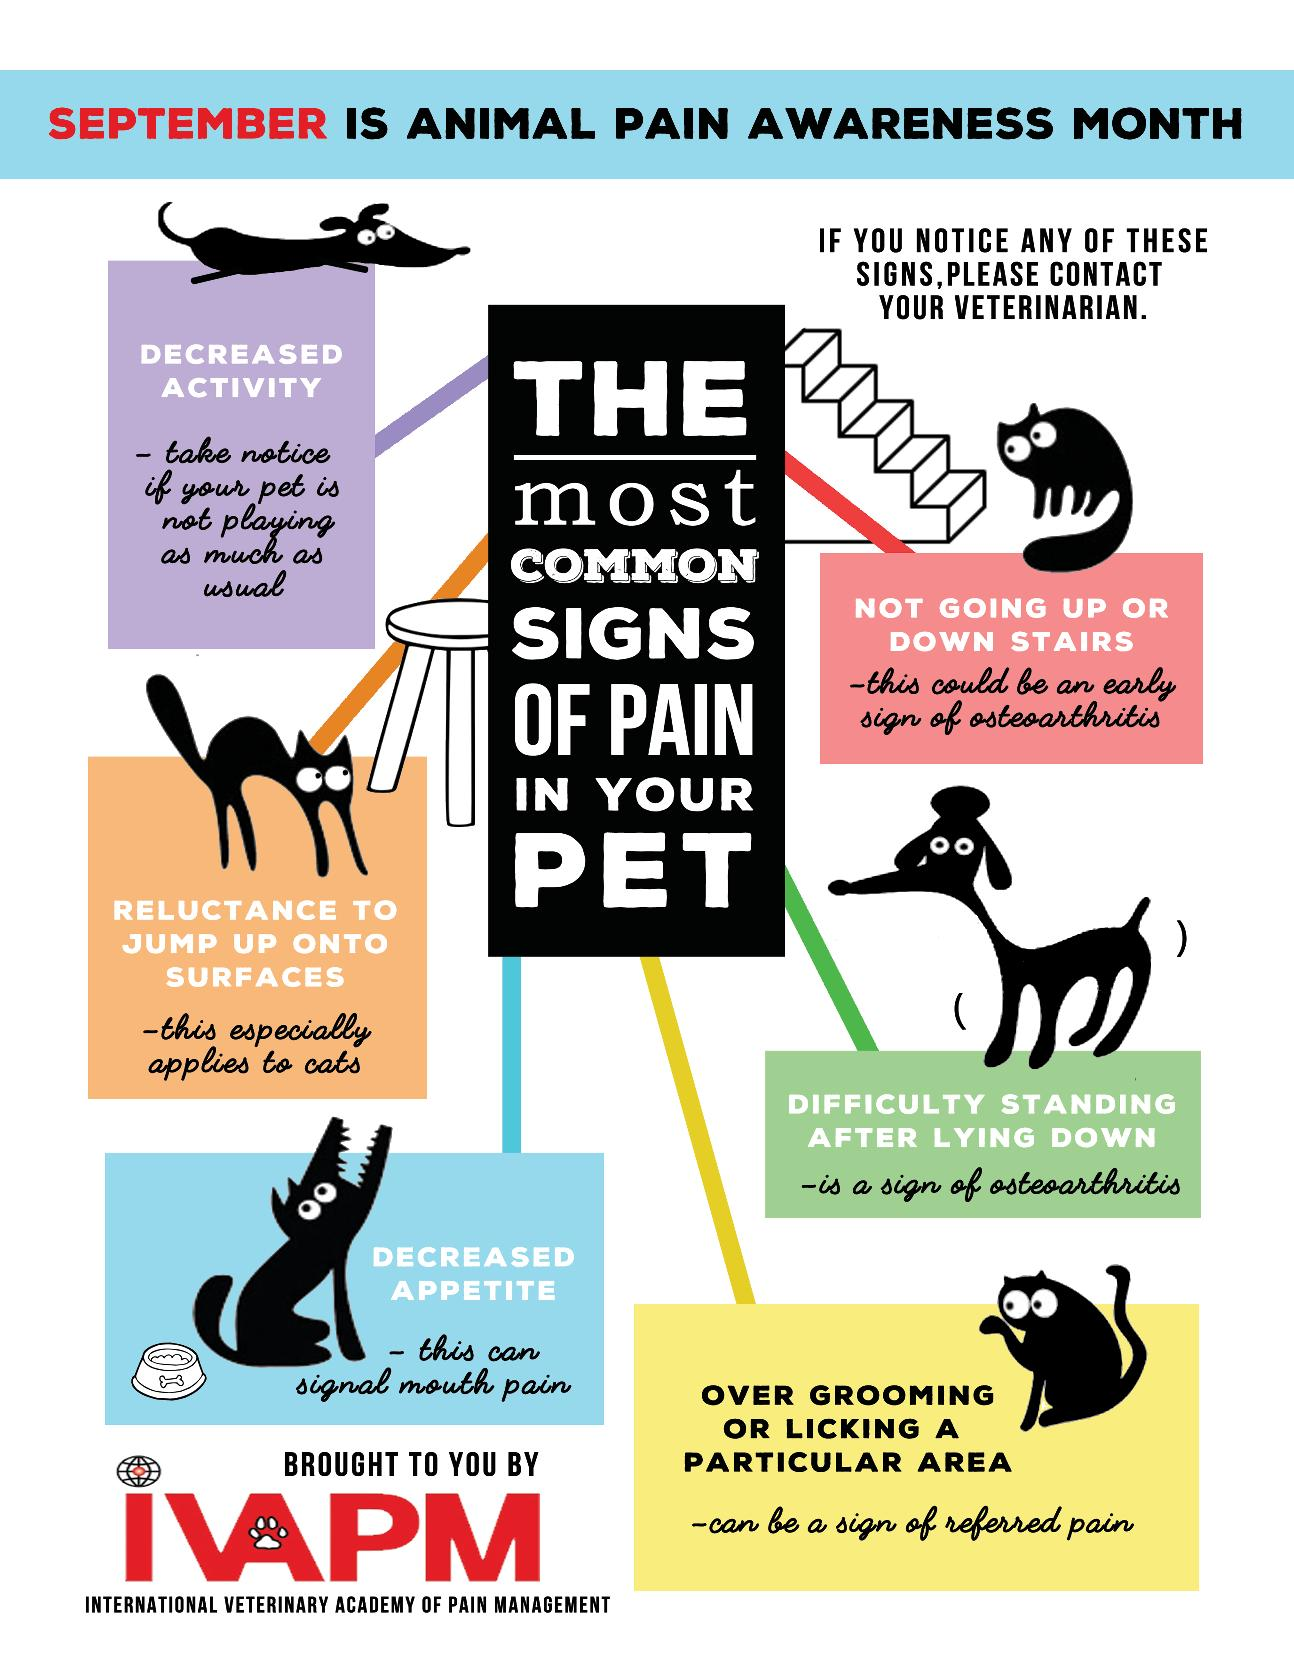 IVAPM-Pet-Pain-Awareness-Month-Poster-2016